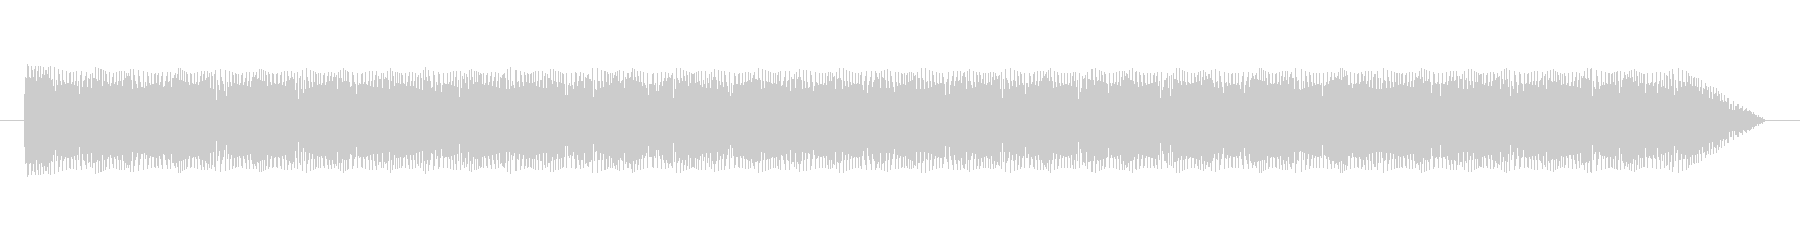 過酷なWarbleによるトーン変調の未再生の波形